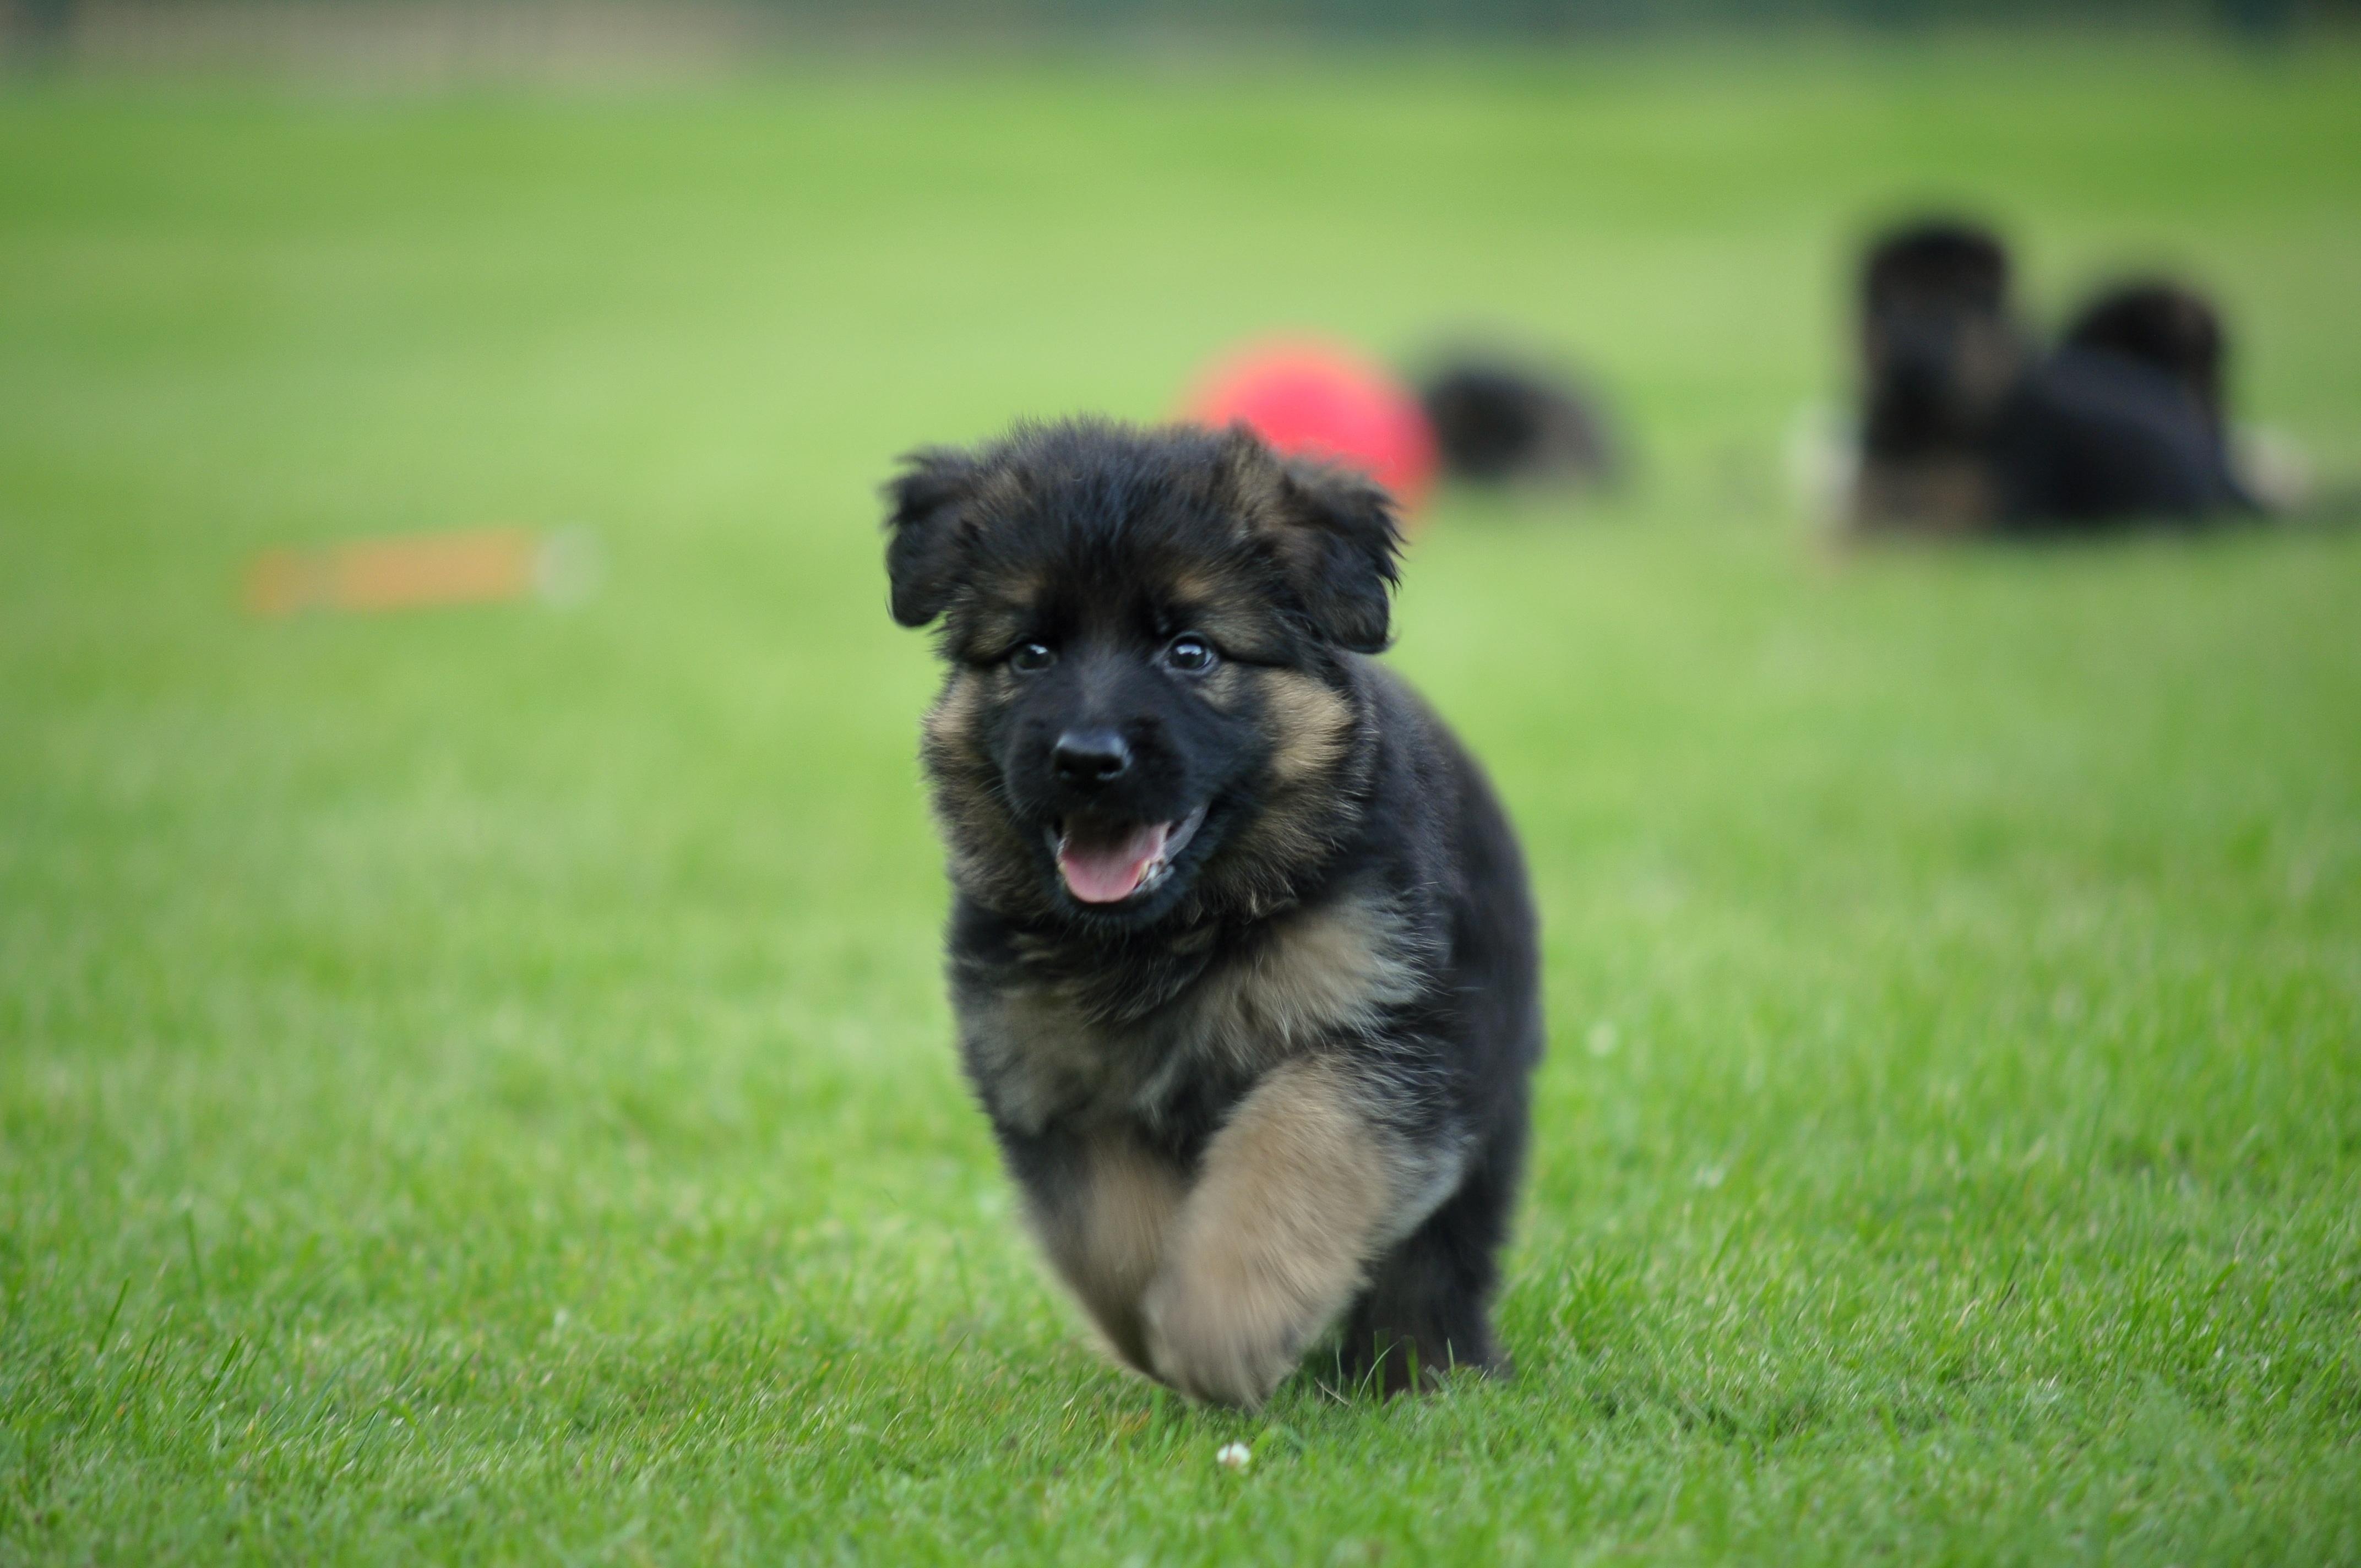 karmy-proformance-wicko-szkolenie-psow-owczarki-szczeniak-w-biegu